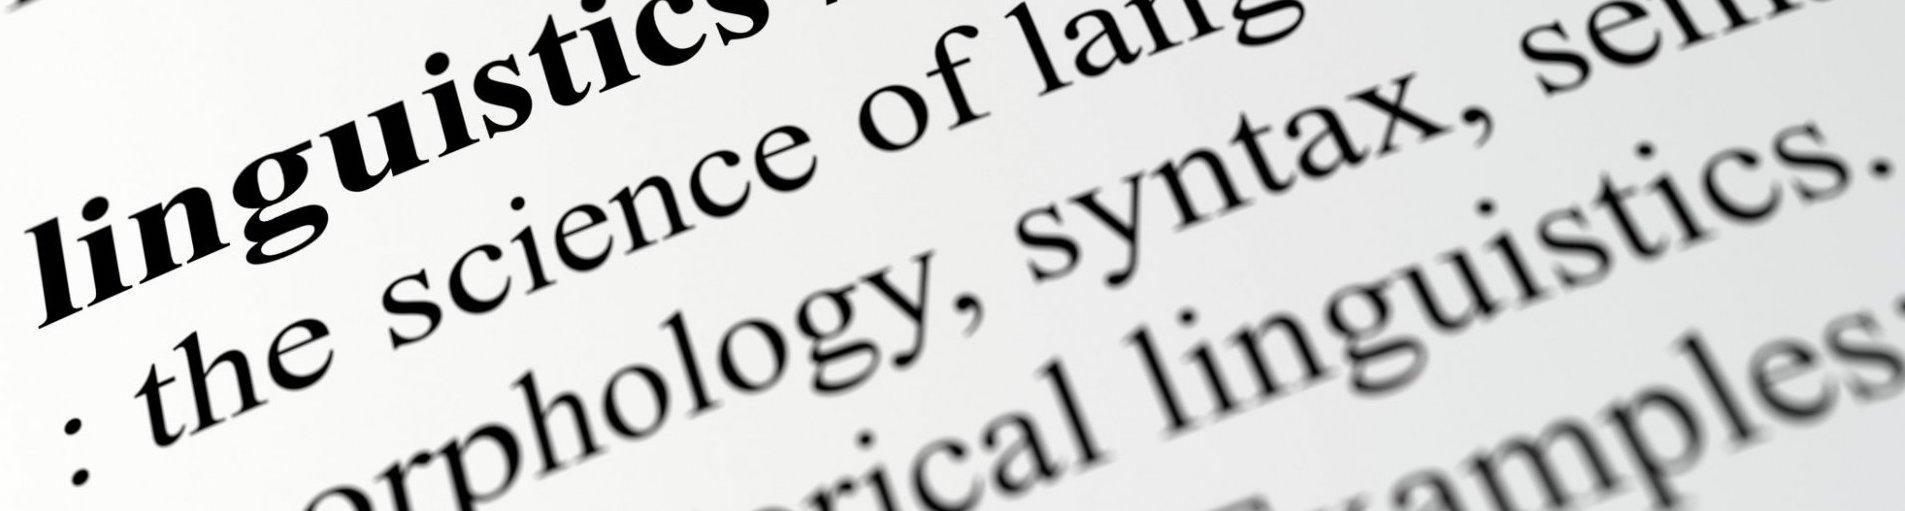 Linguistics Definition